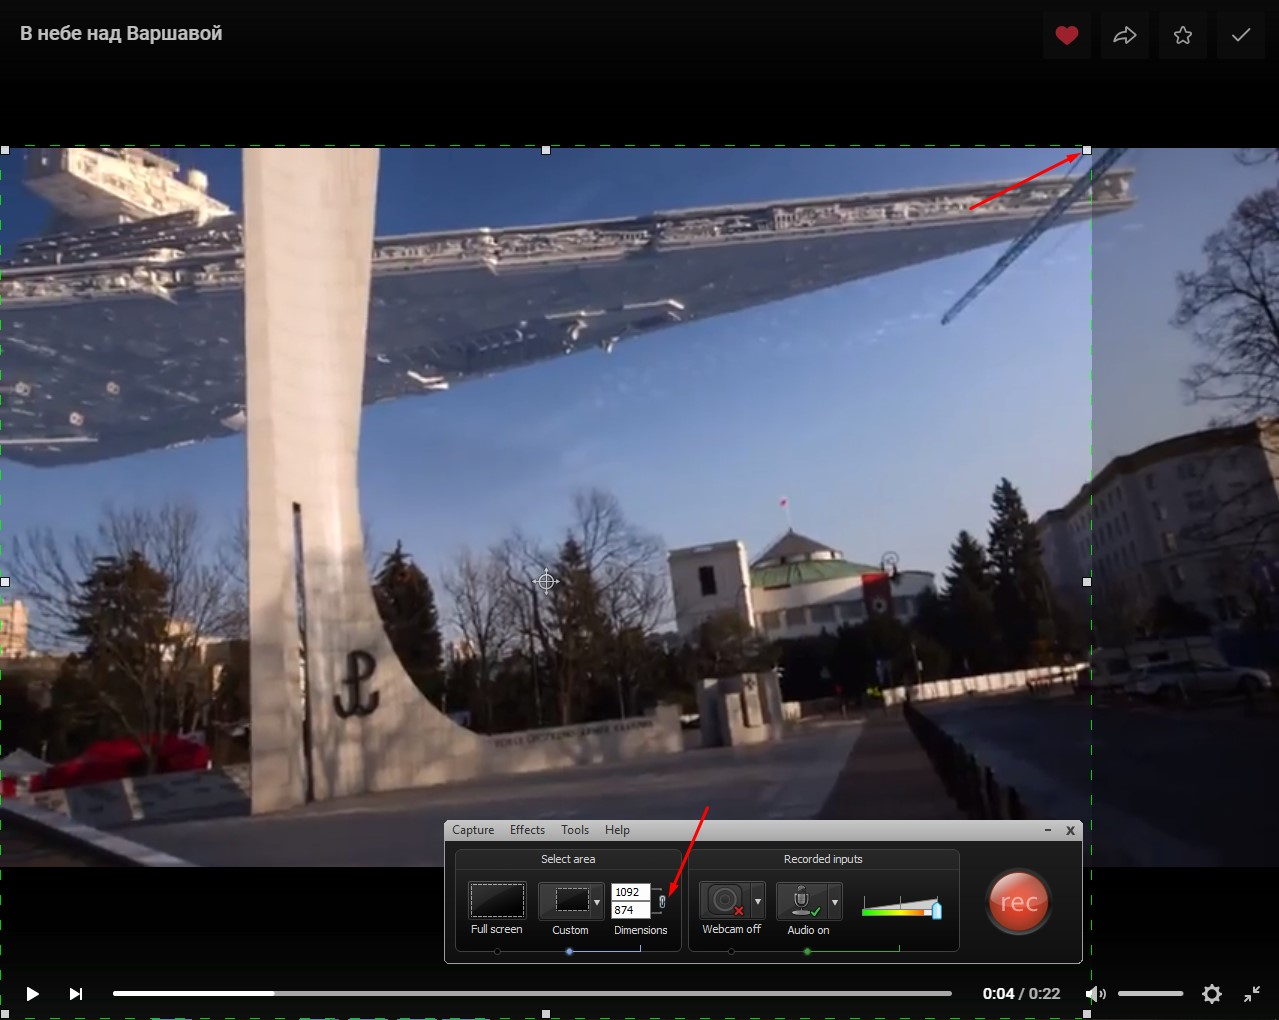 Как скачать видео с вконтакте (vk): лучшие программы и инструкция по скачиванию на компьютер